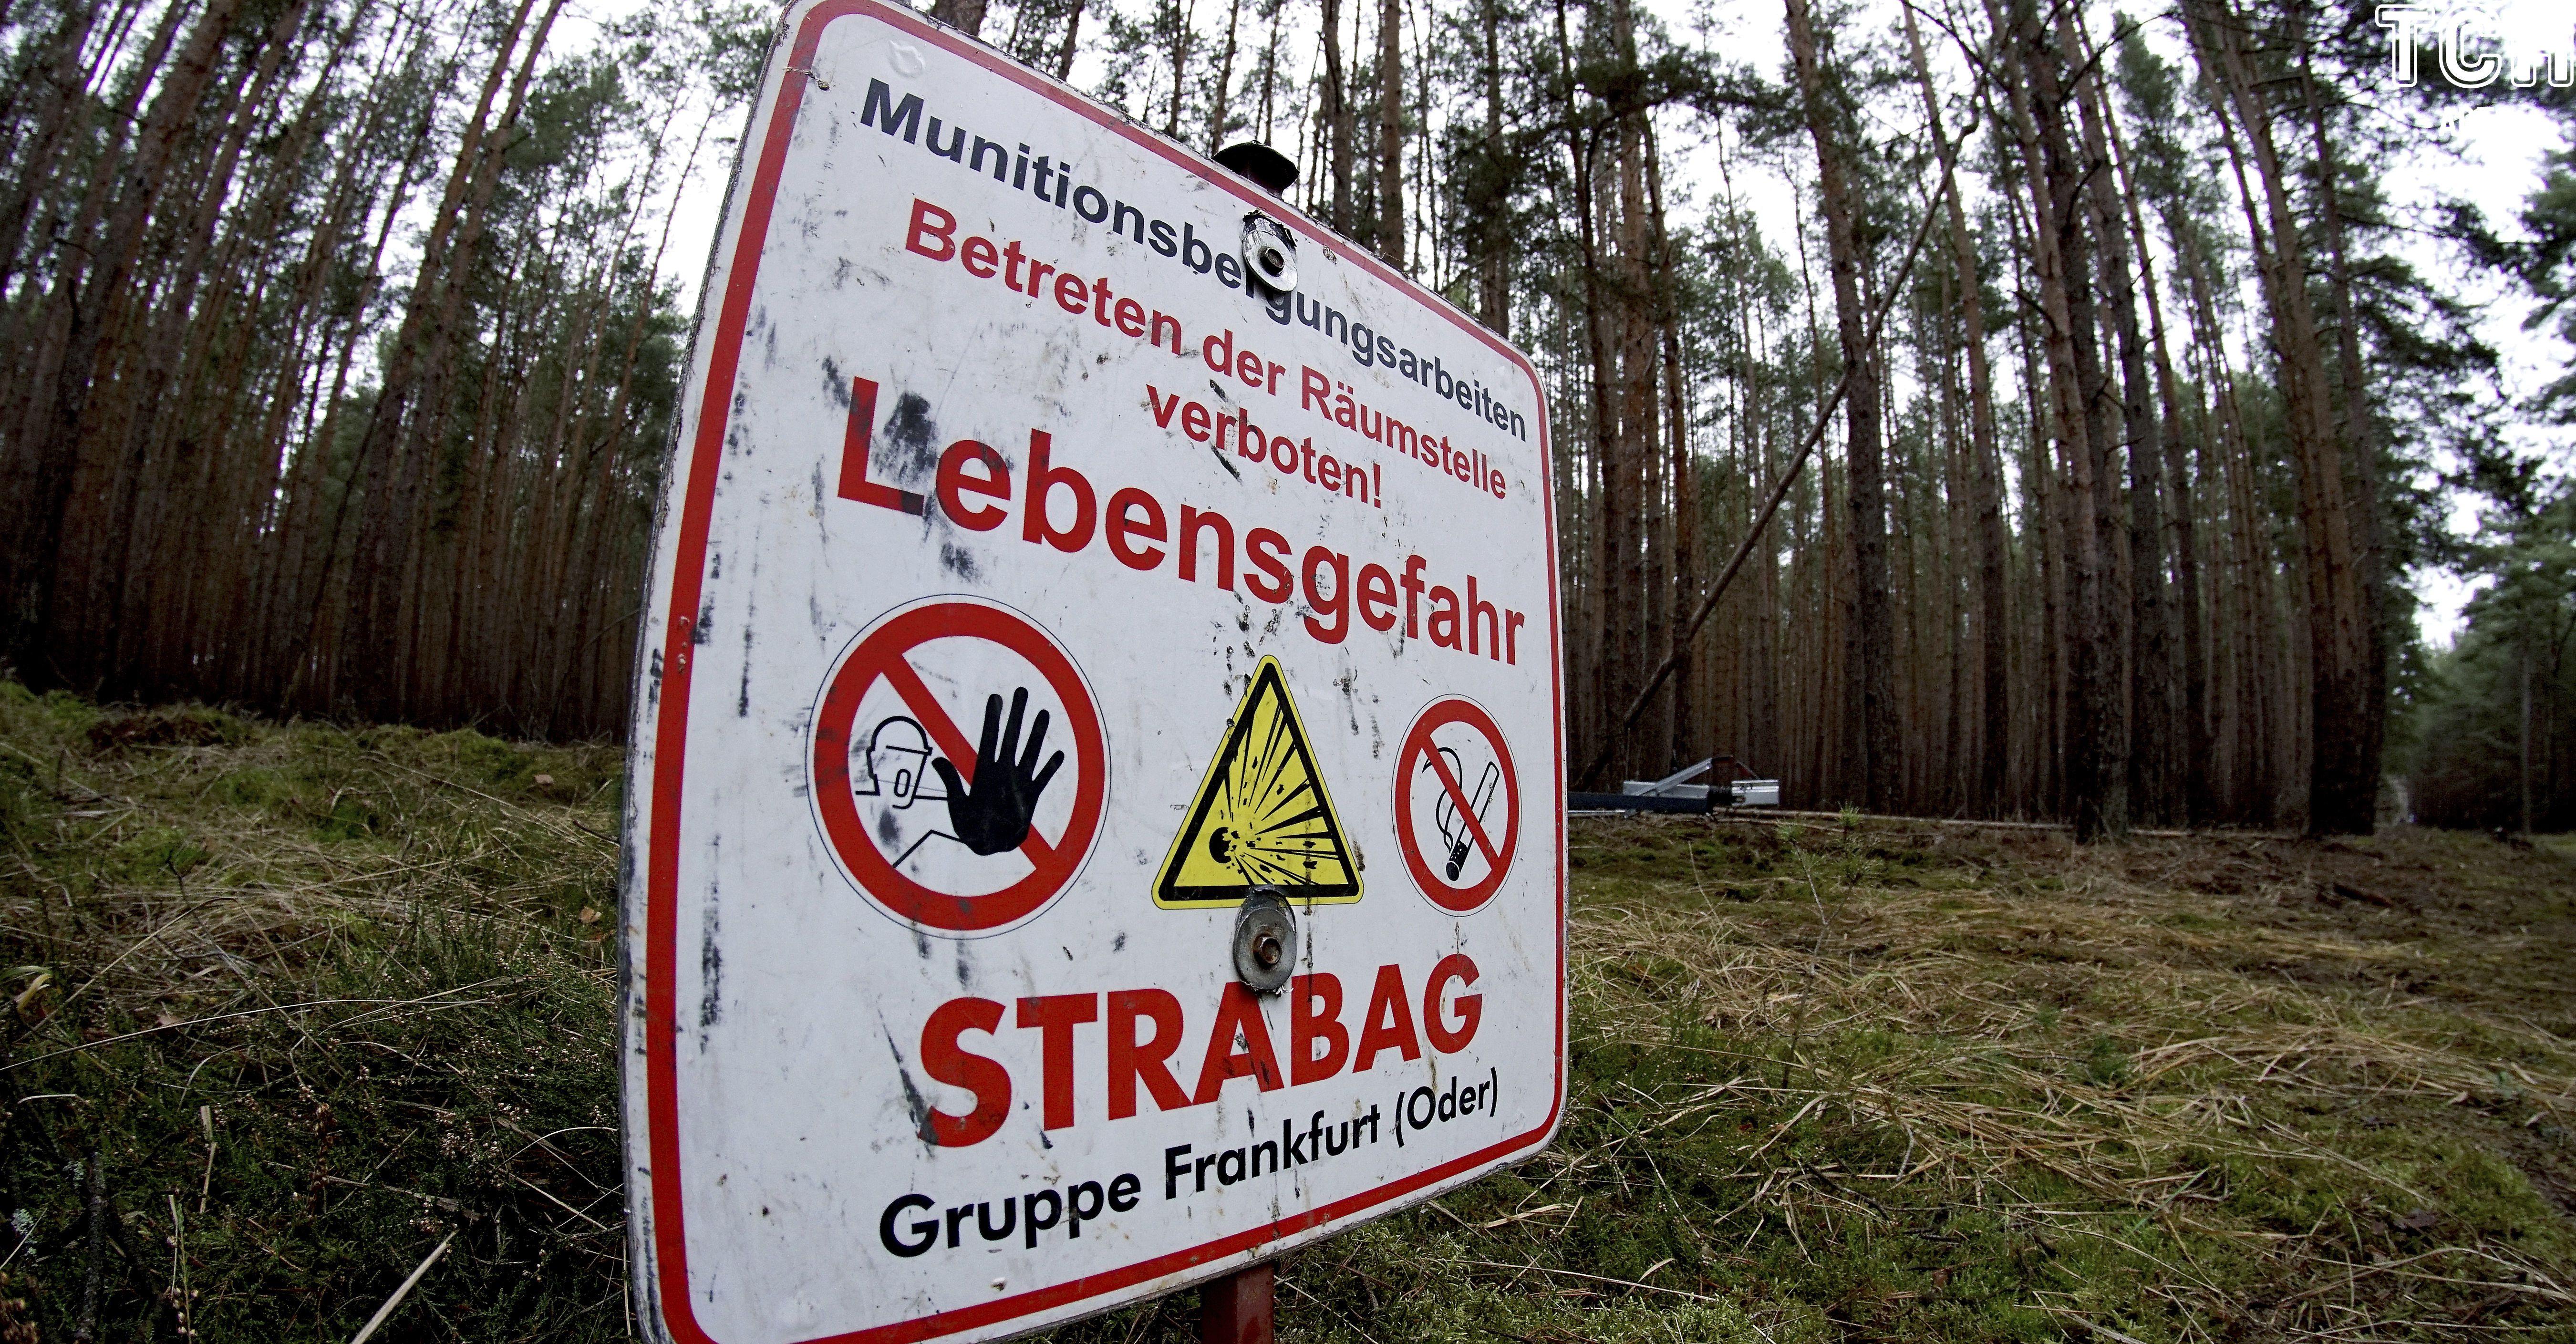 Компания Tesla ищет мины и рубит лес в Германии 2